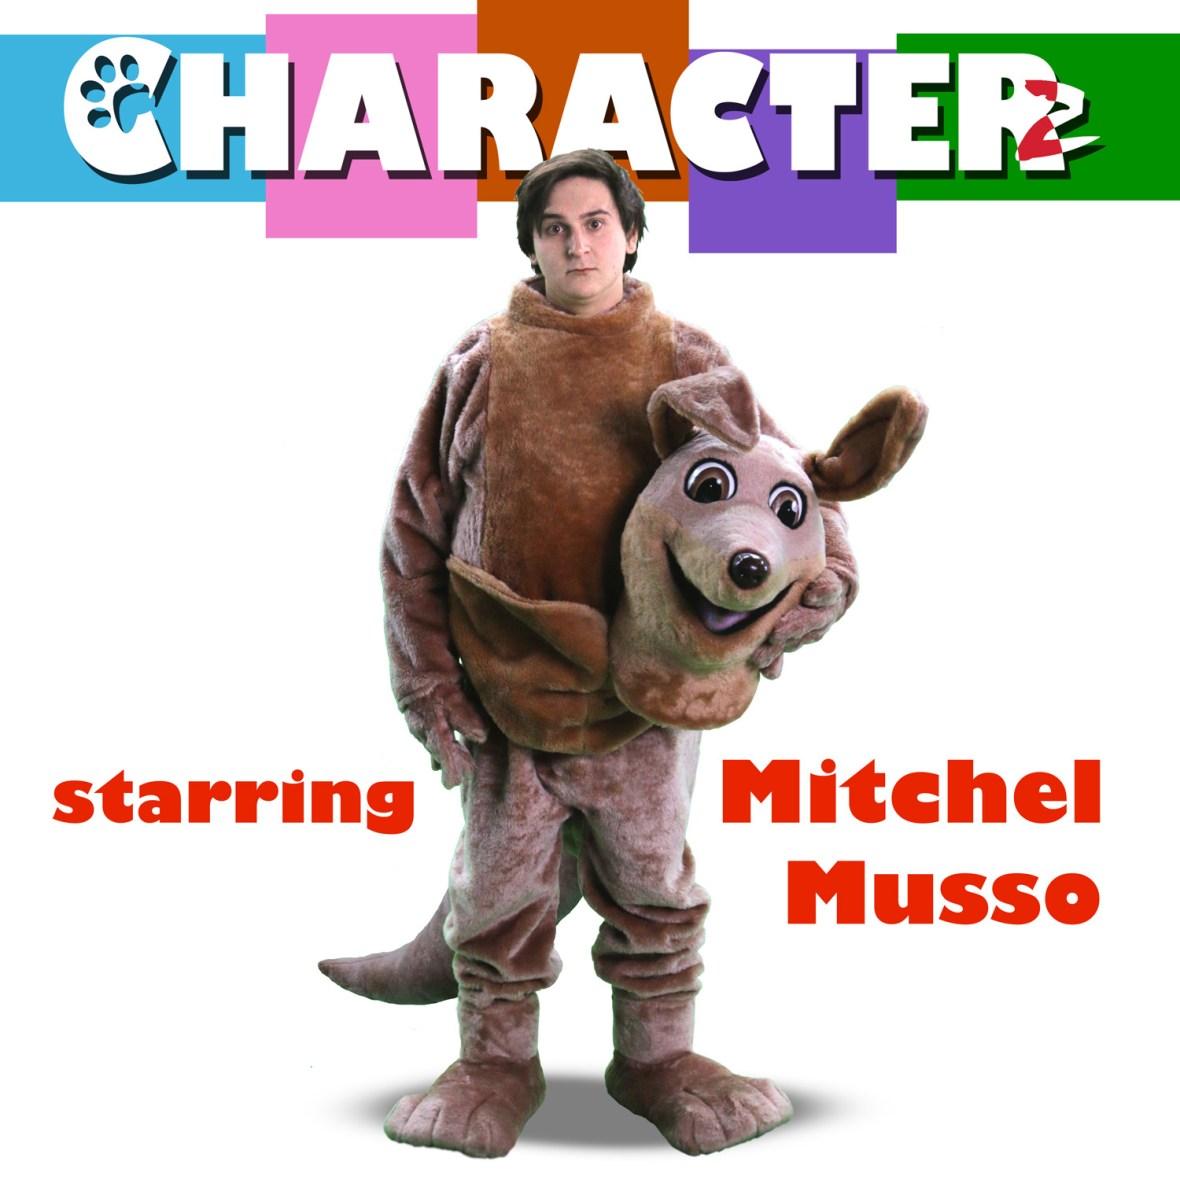 mitchel musso characterz movie